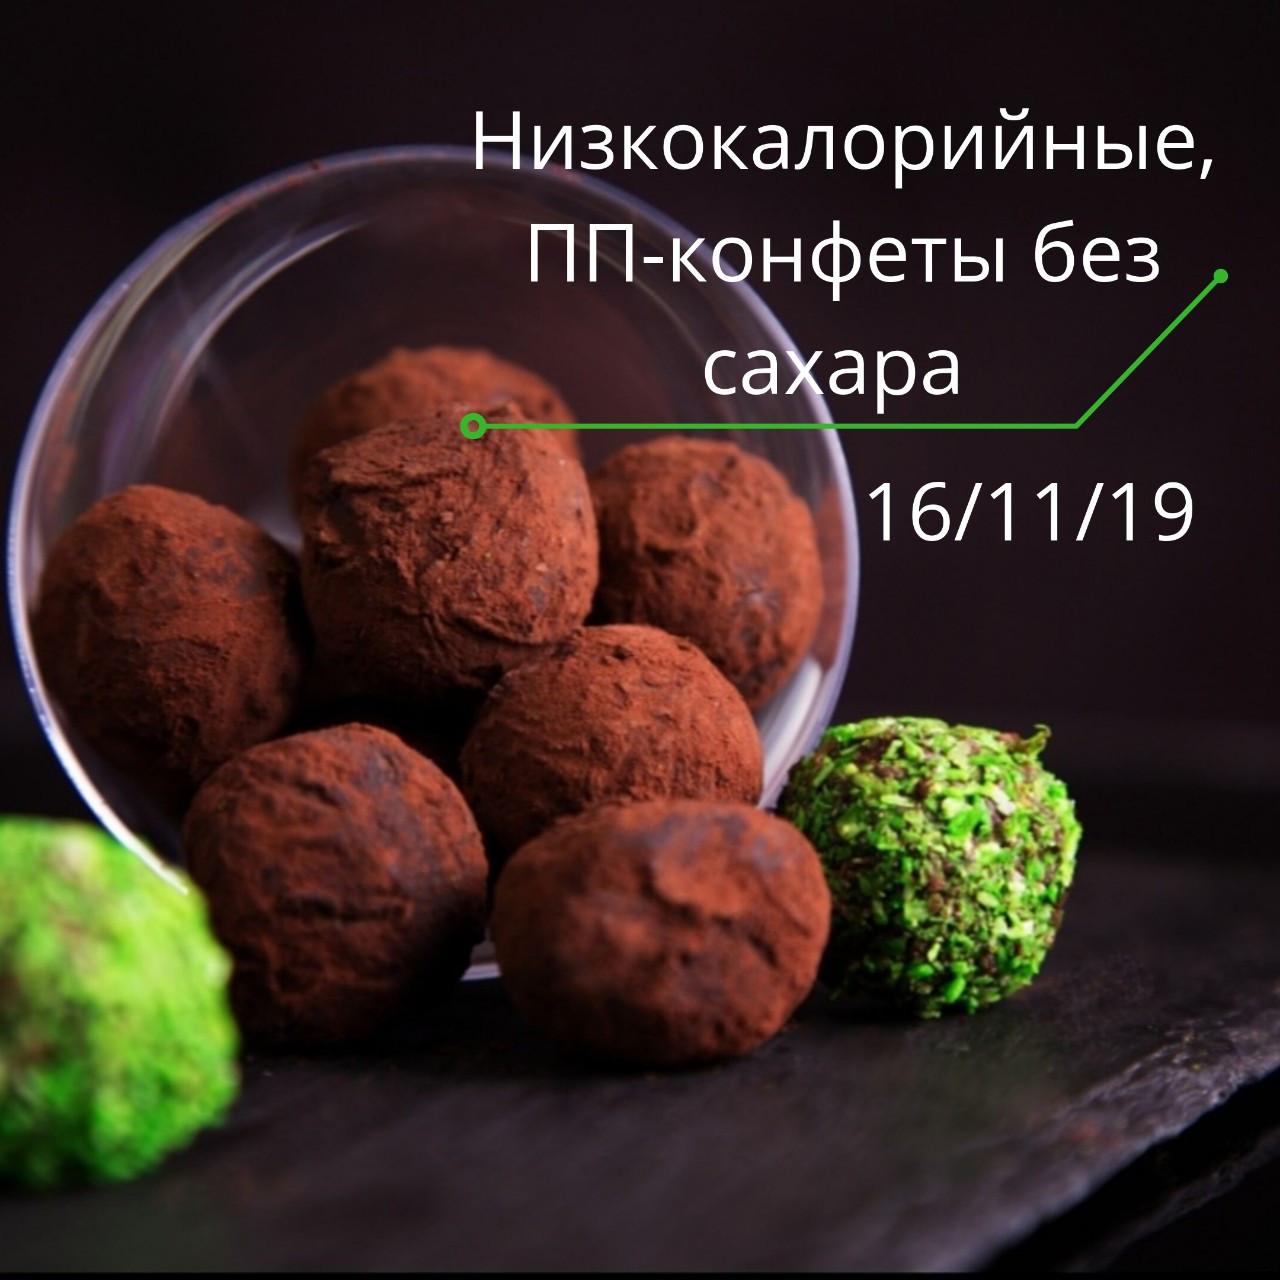 """Авторский МК """"Низкокалорийные,ПП-конфеты без сахара"""" 20г."""